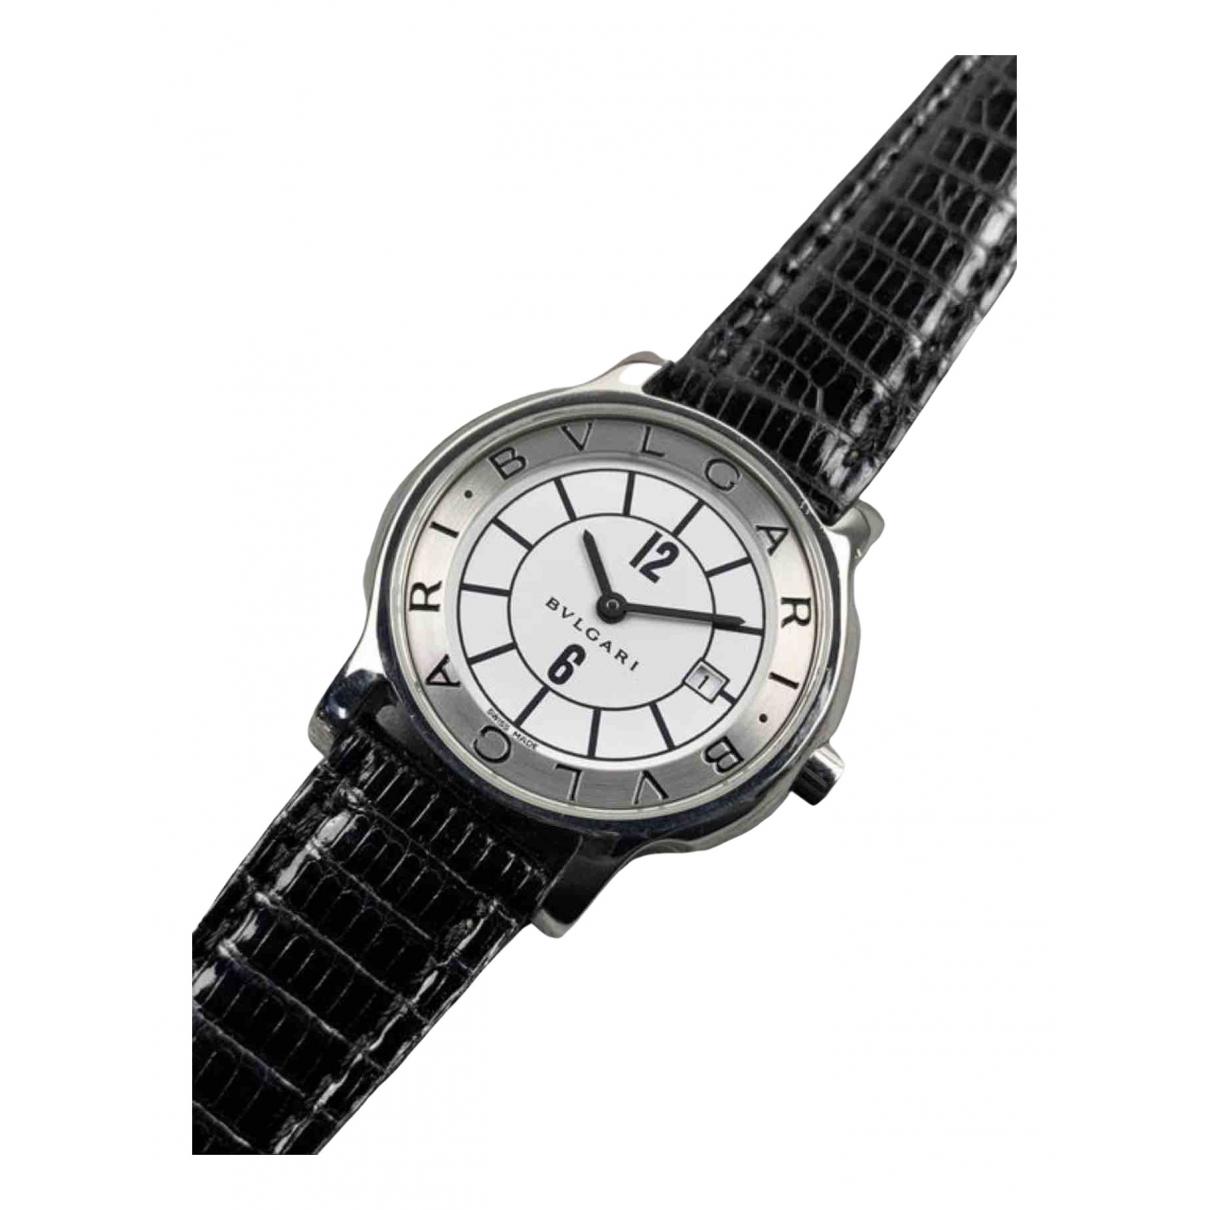 Reloj Solotempo Bvlgari